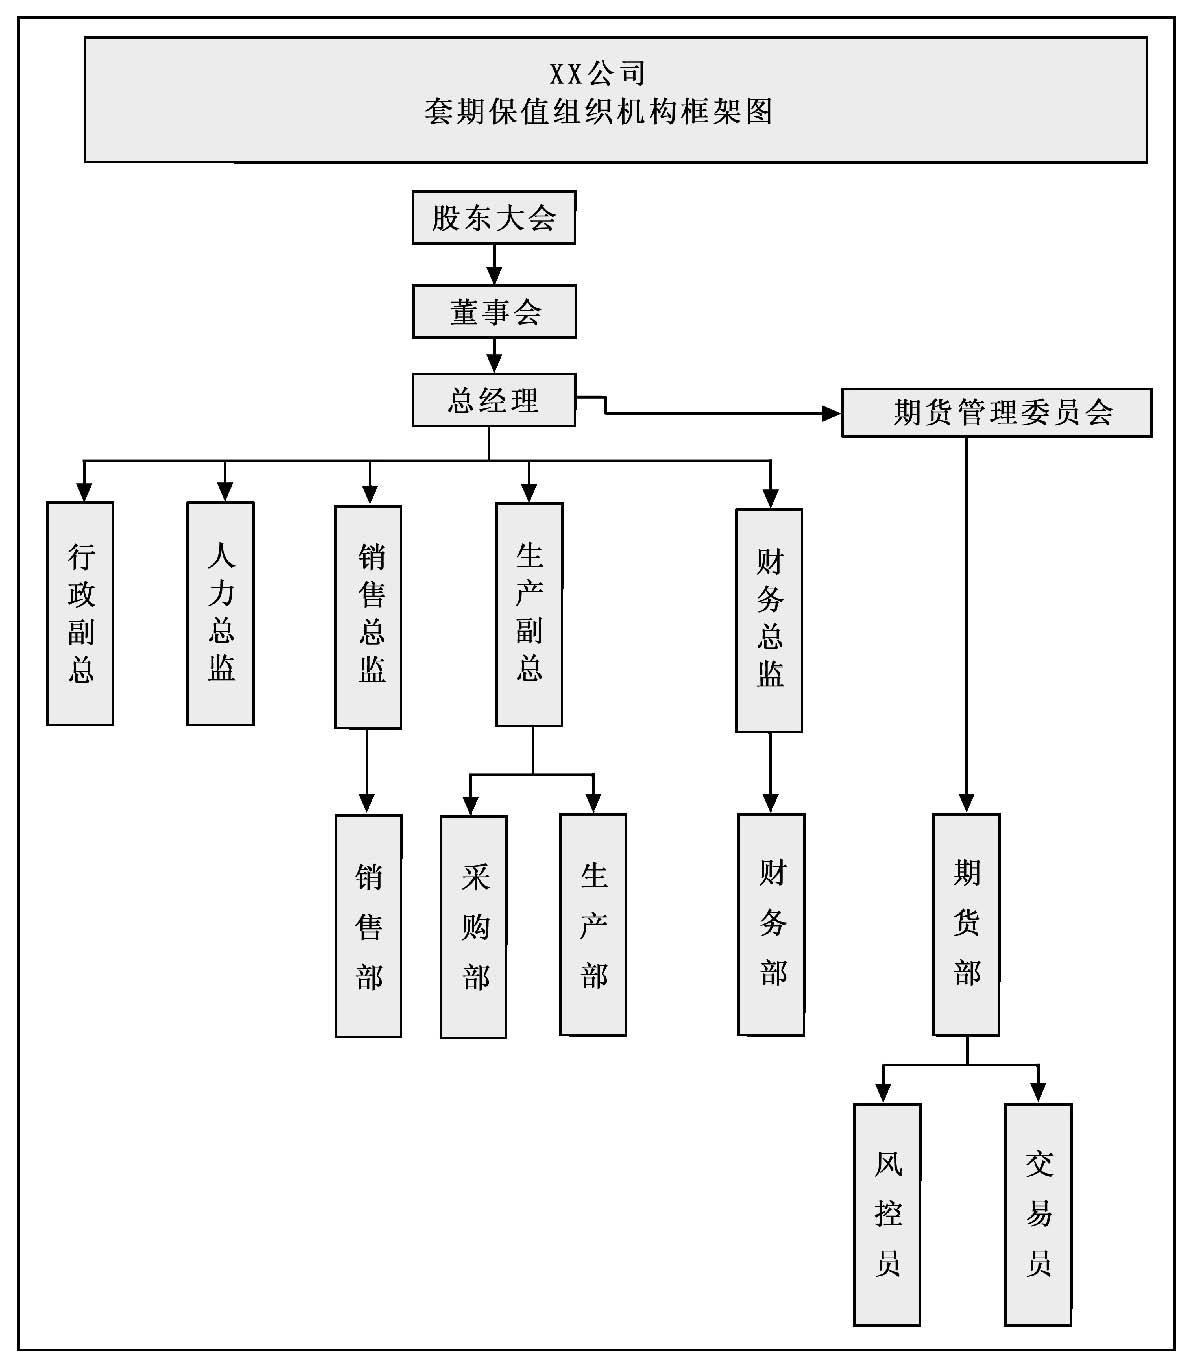 套期保值组织构架图.jpg